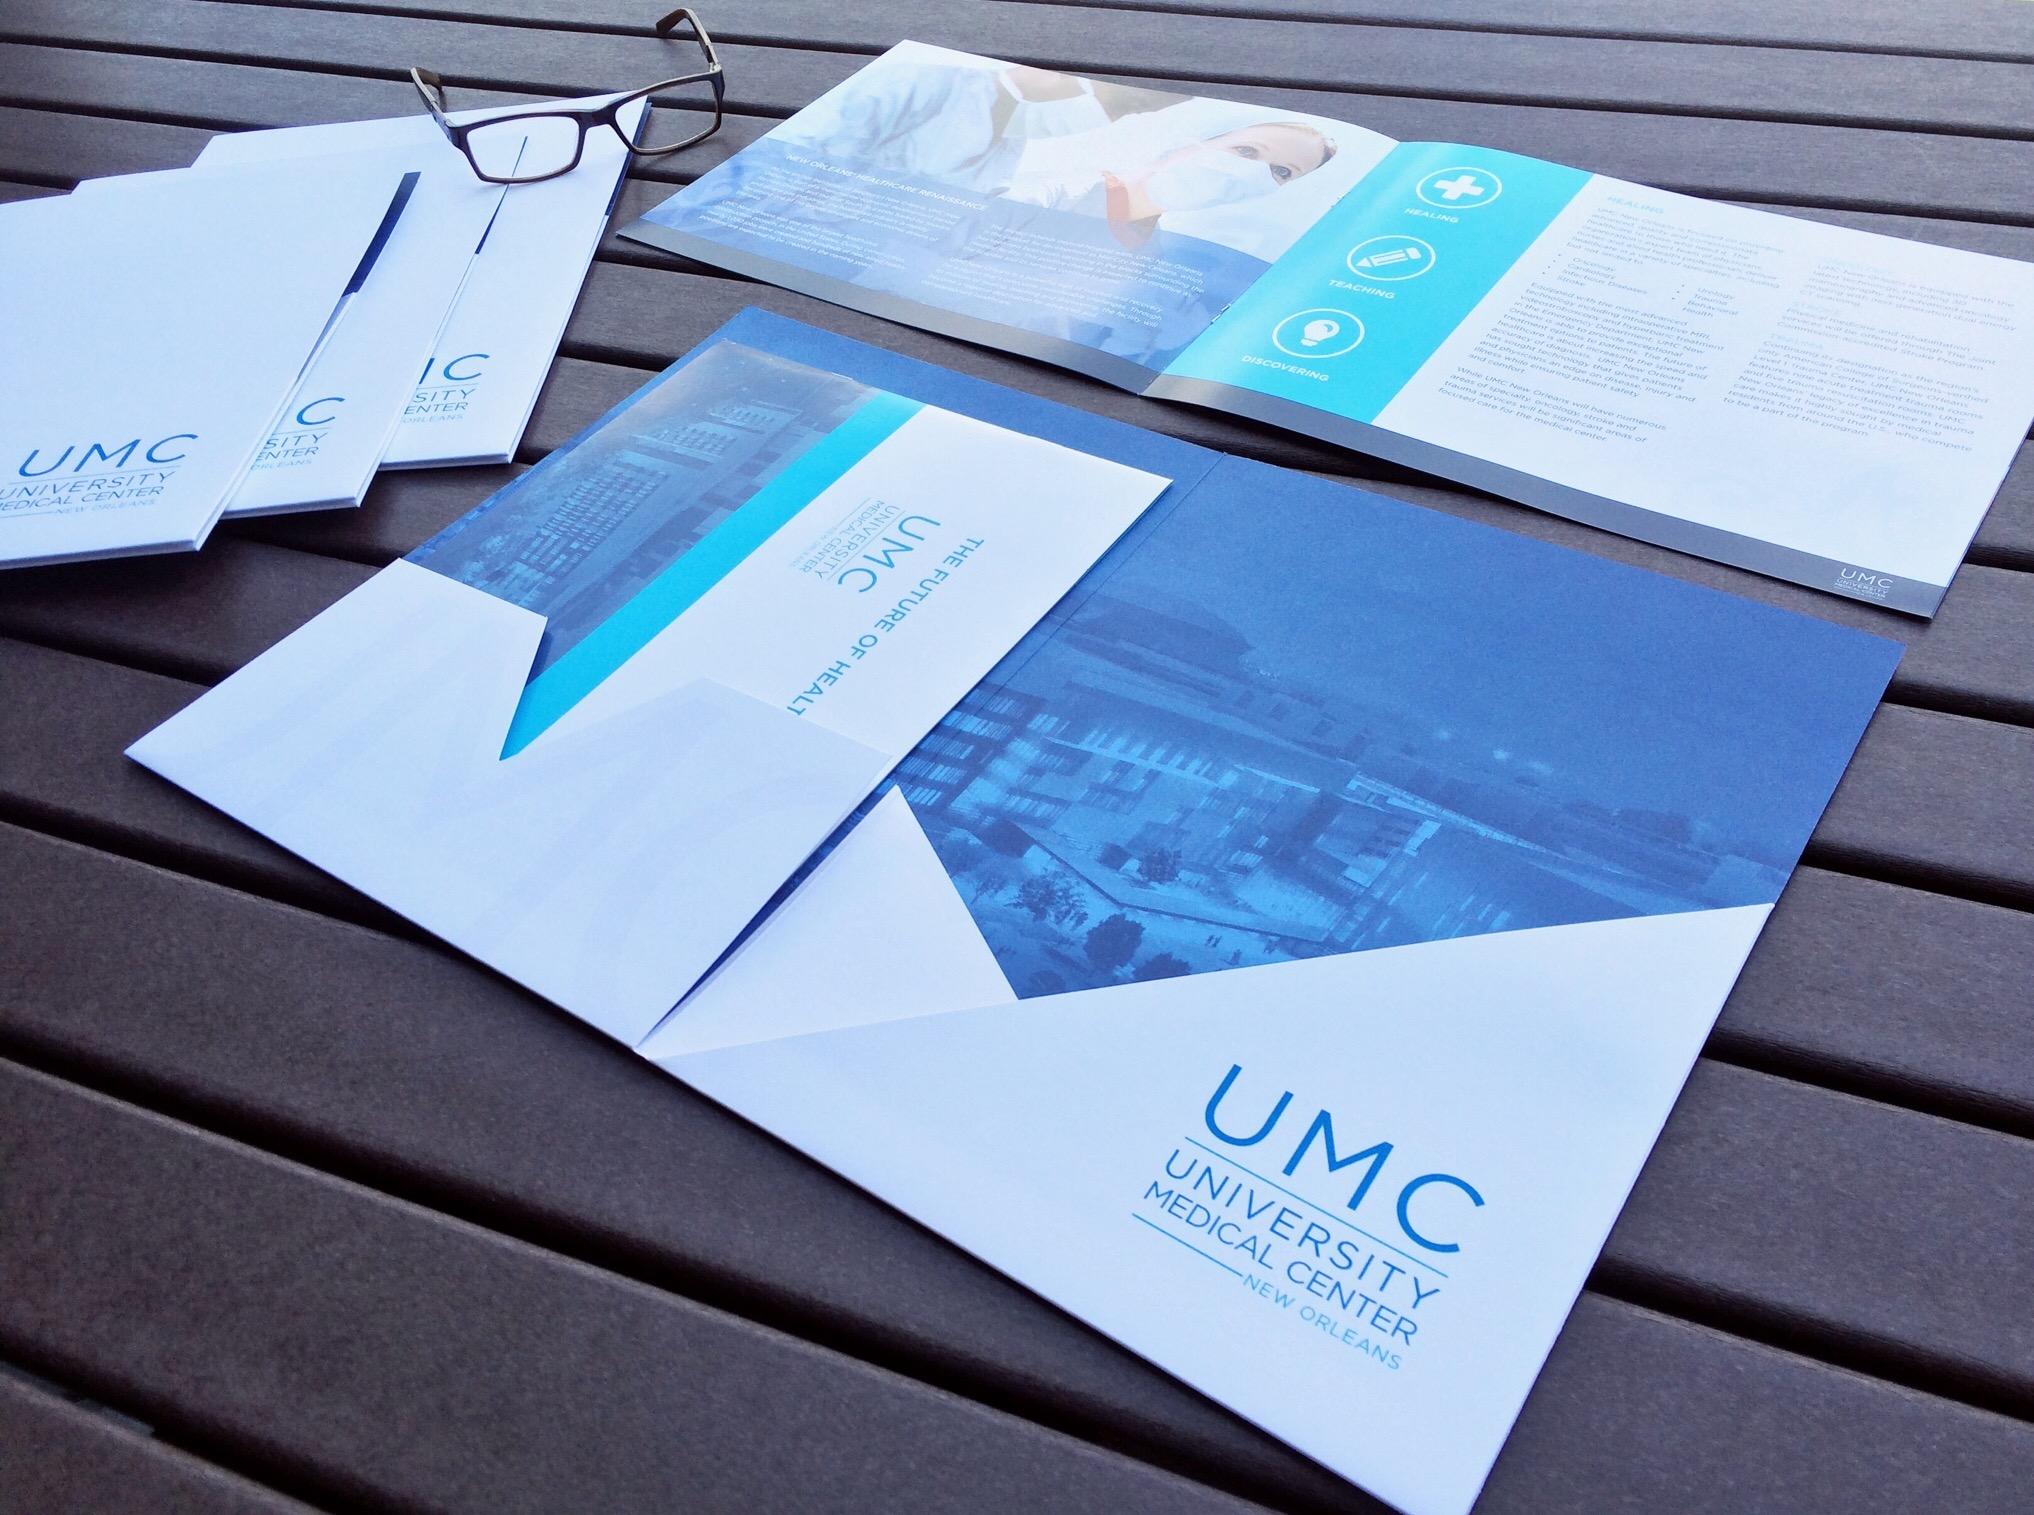 umc folder & brochure.jpg